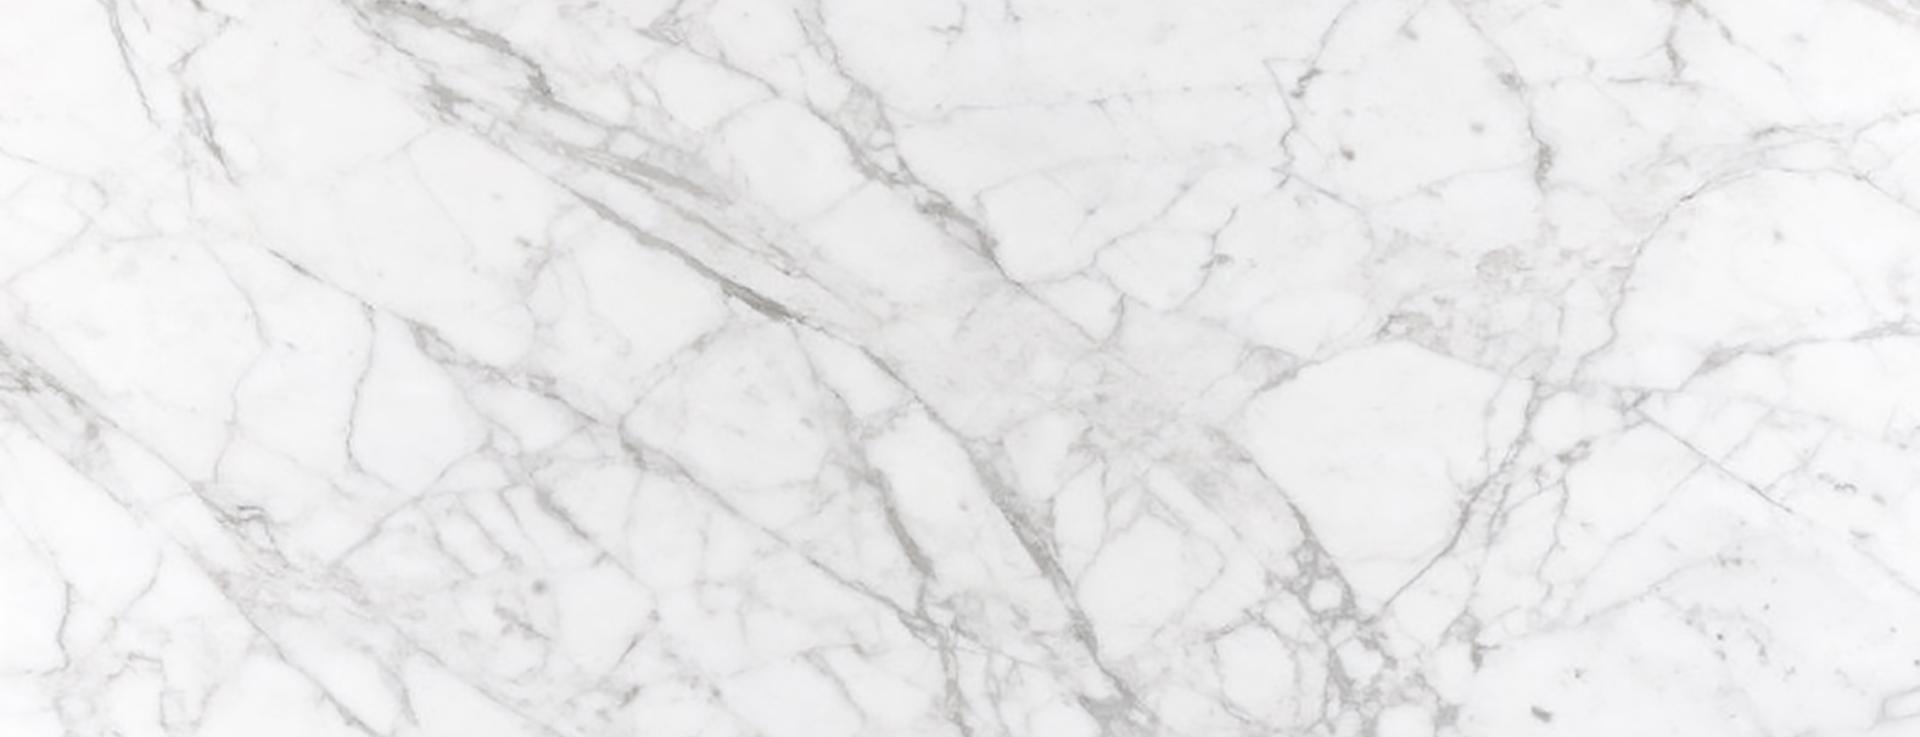 calacatta-vagli-oro-white-and-gold-marble